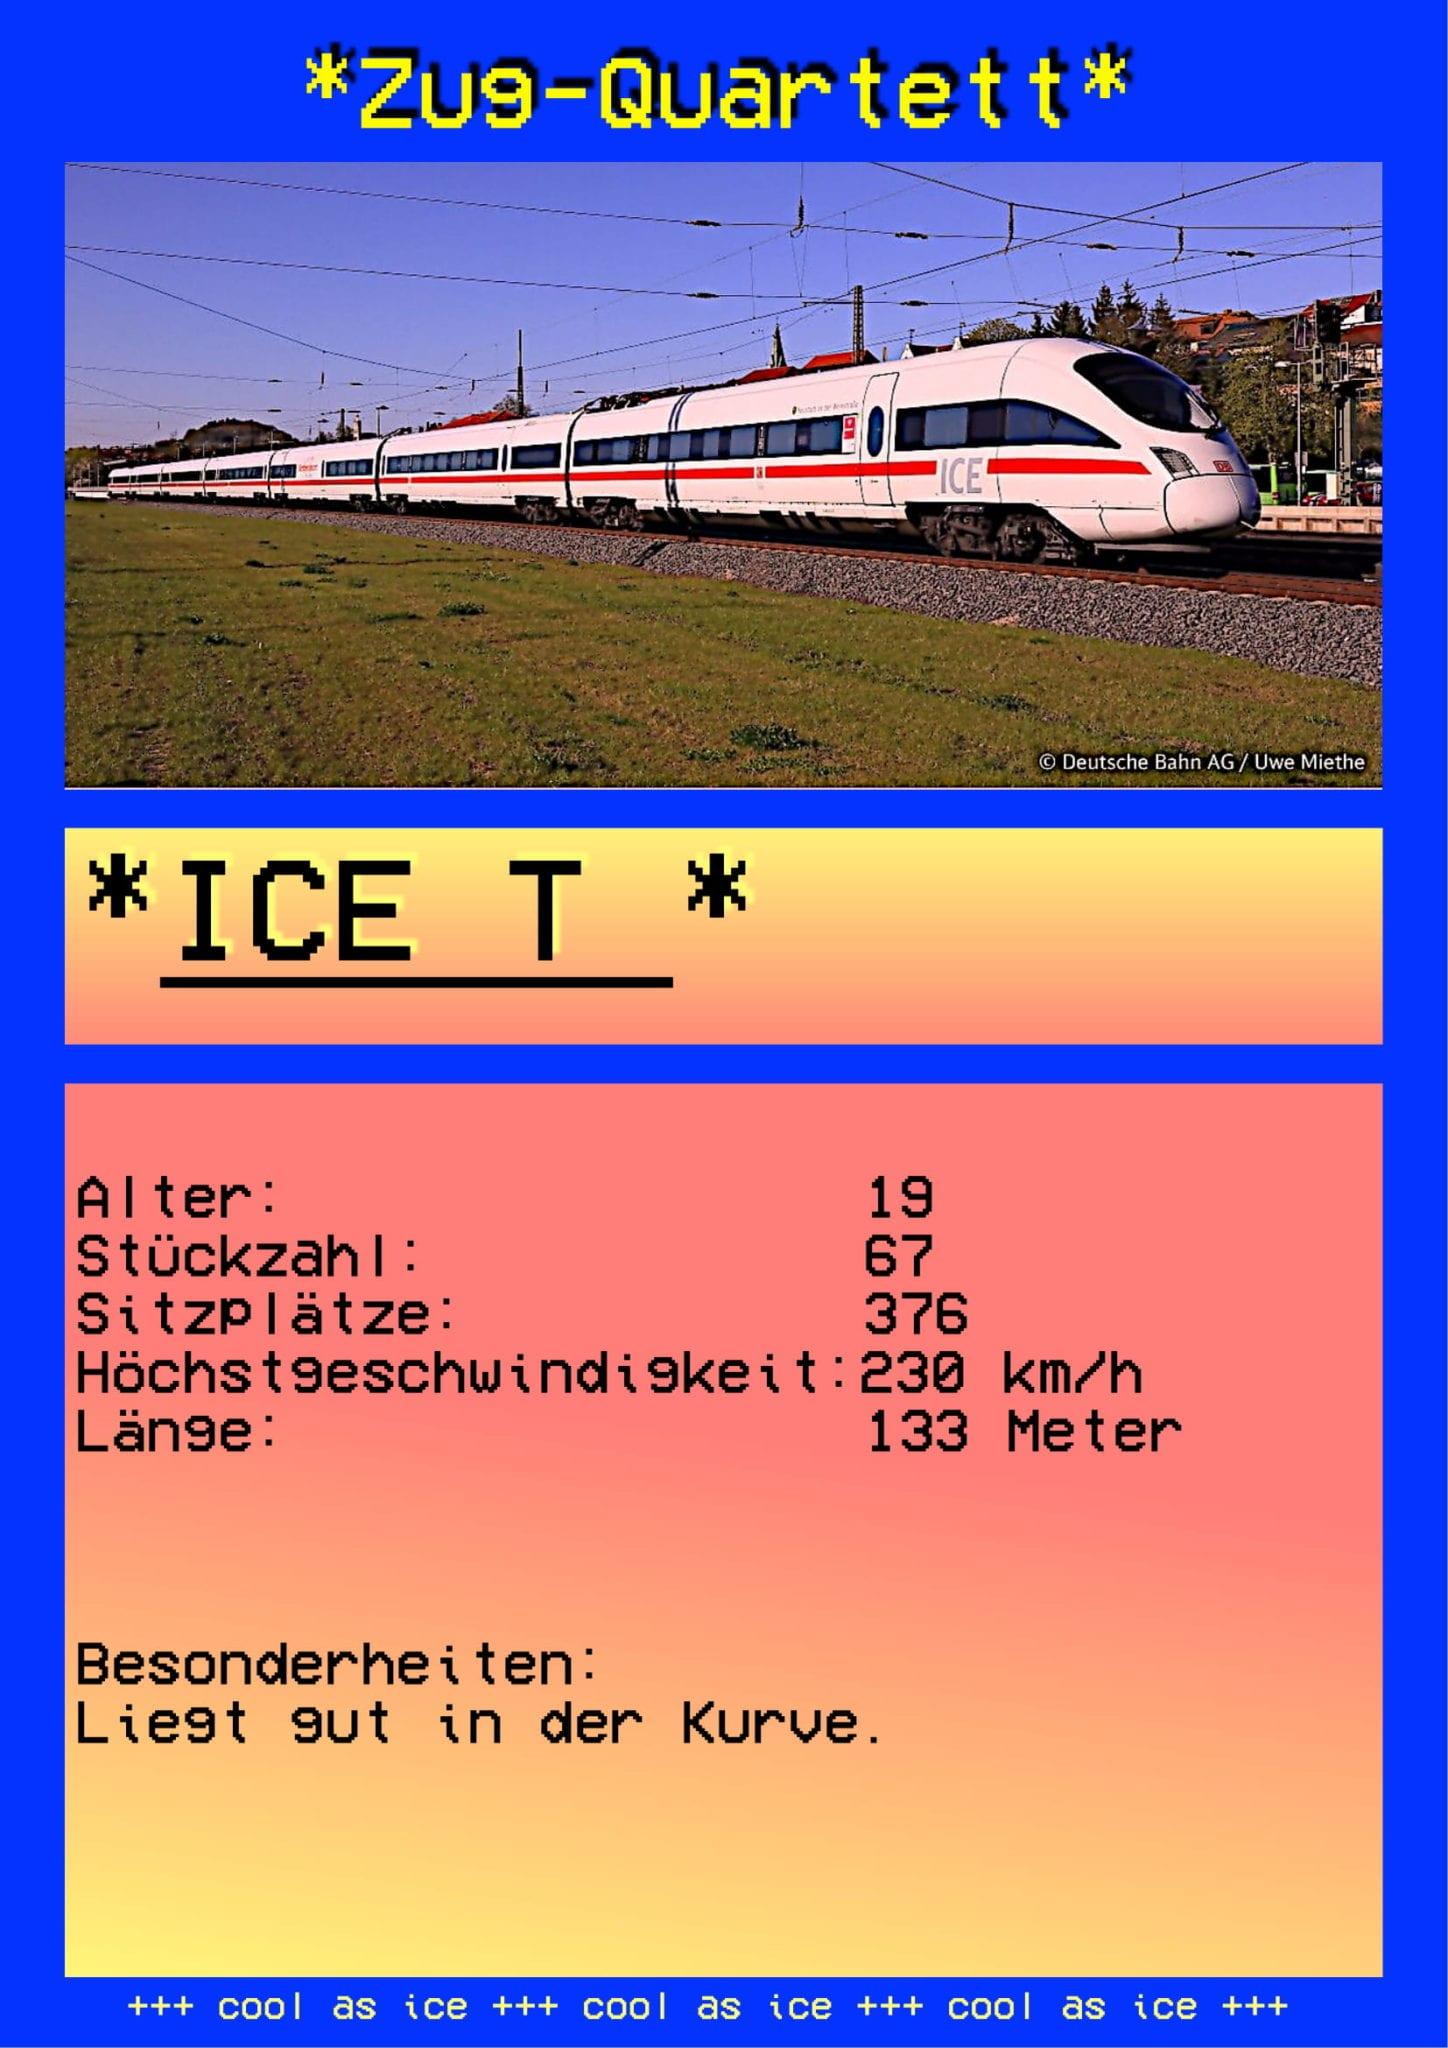 ICE_Quartett_T_0107-1